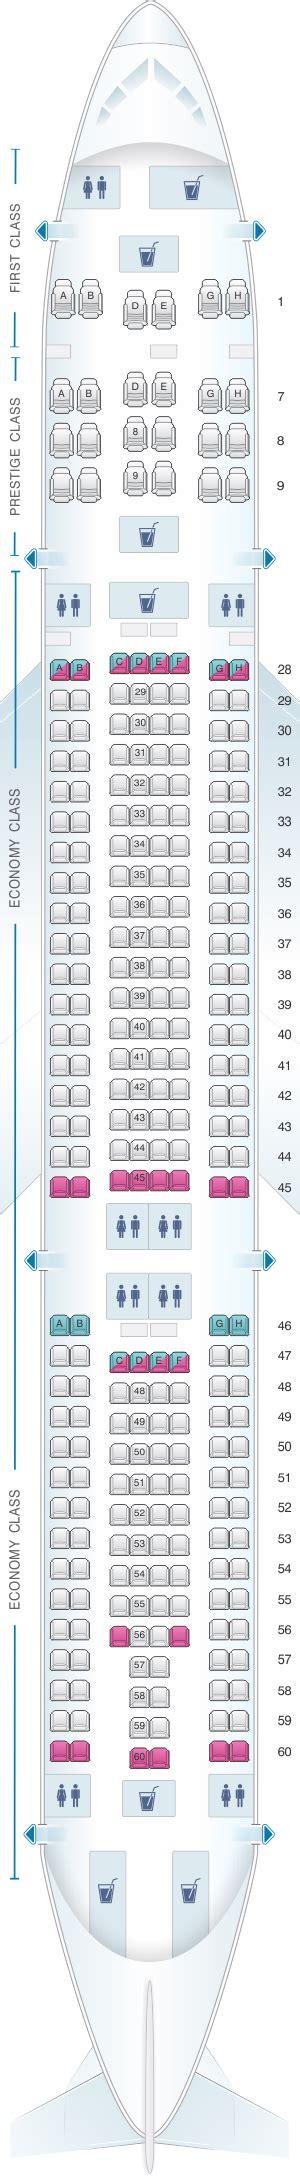 korean air seat seat map korean air airbus a330 300 276pax seatmaestro